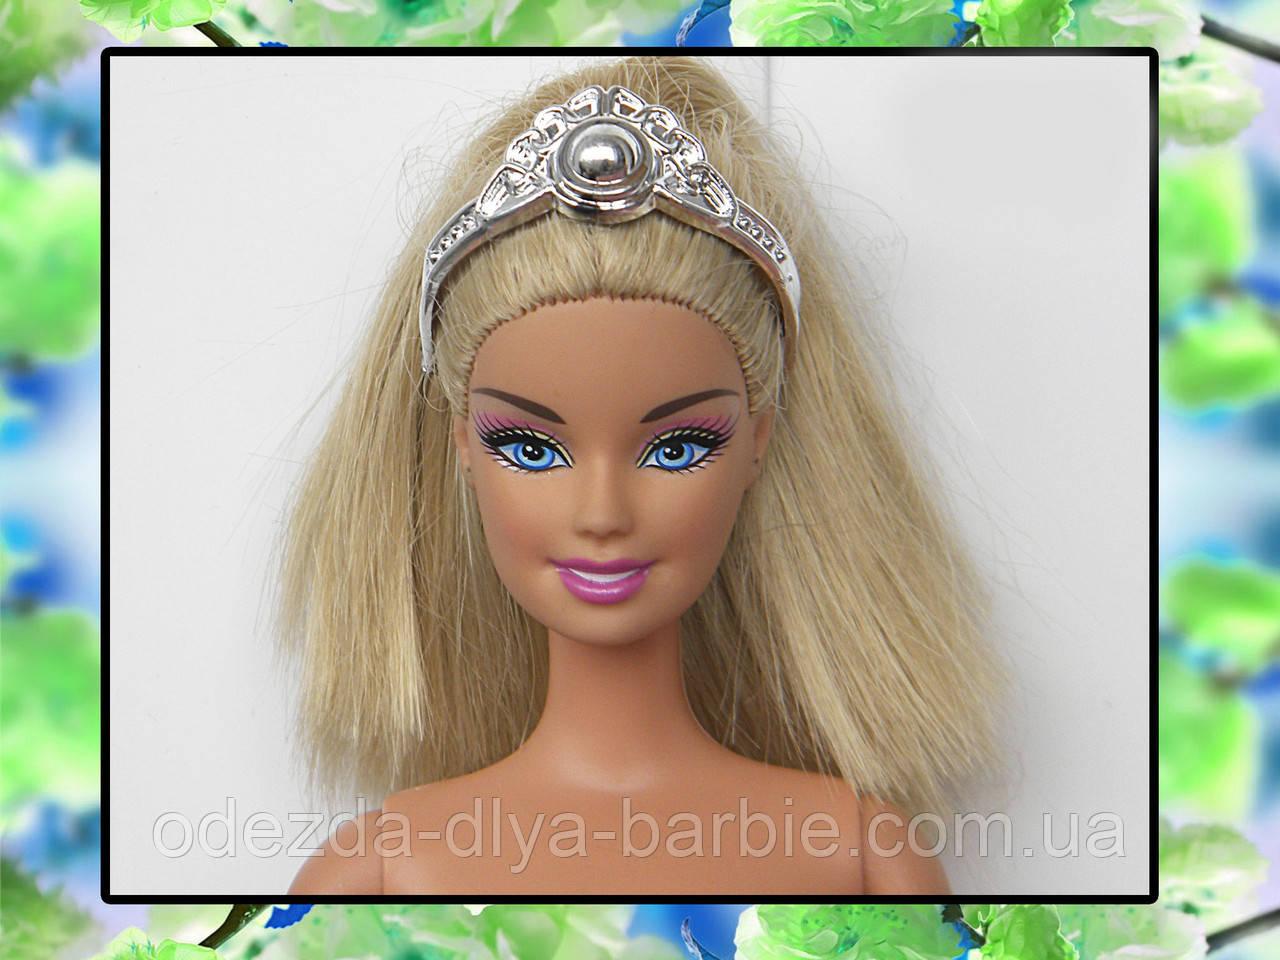 Аксессуары для кукол - корона